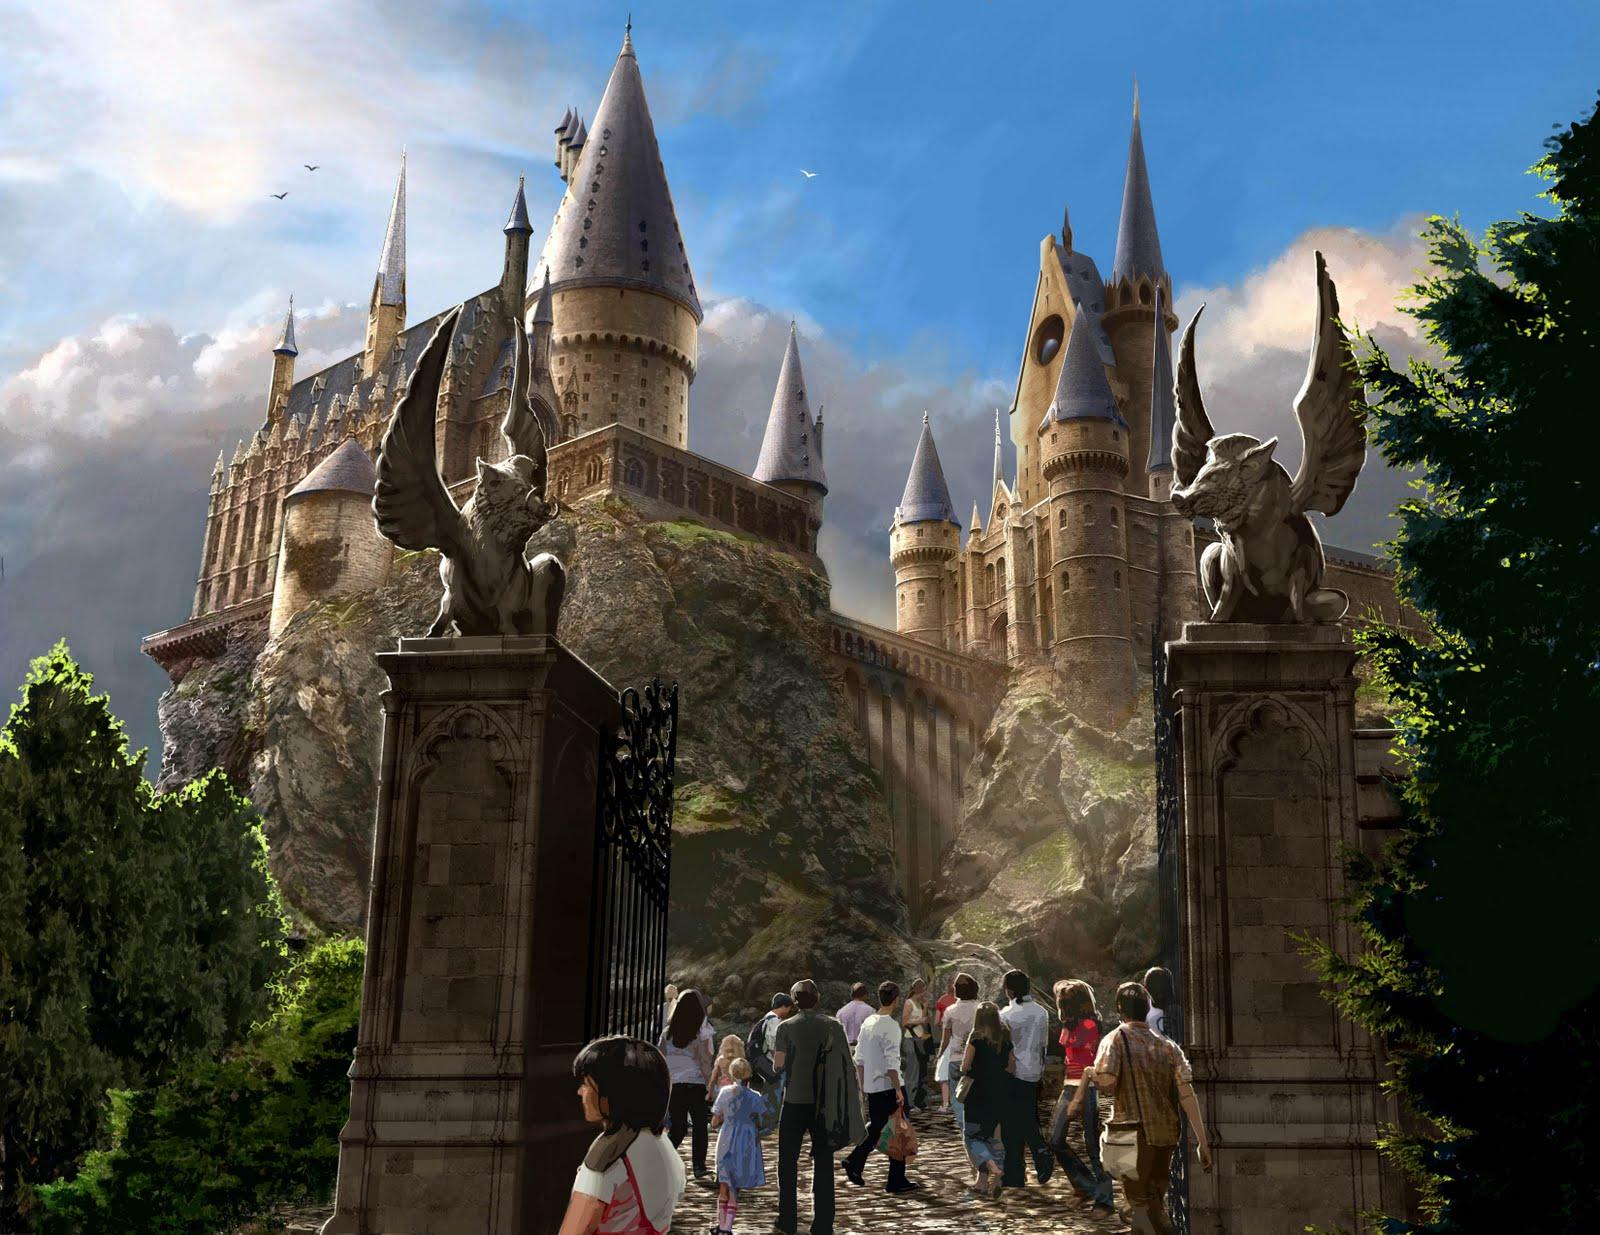 Best Wallpaper Harry Potter Scenery - Amazing%2BHarry%2BPotter%2BTheme%2BPark%2B-1  Pictures_586091.jpg